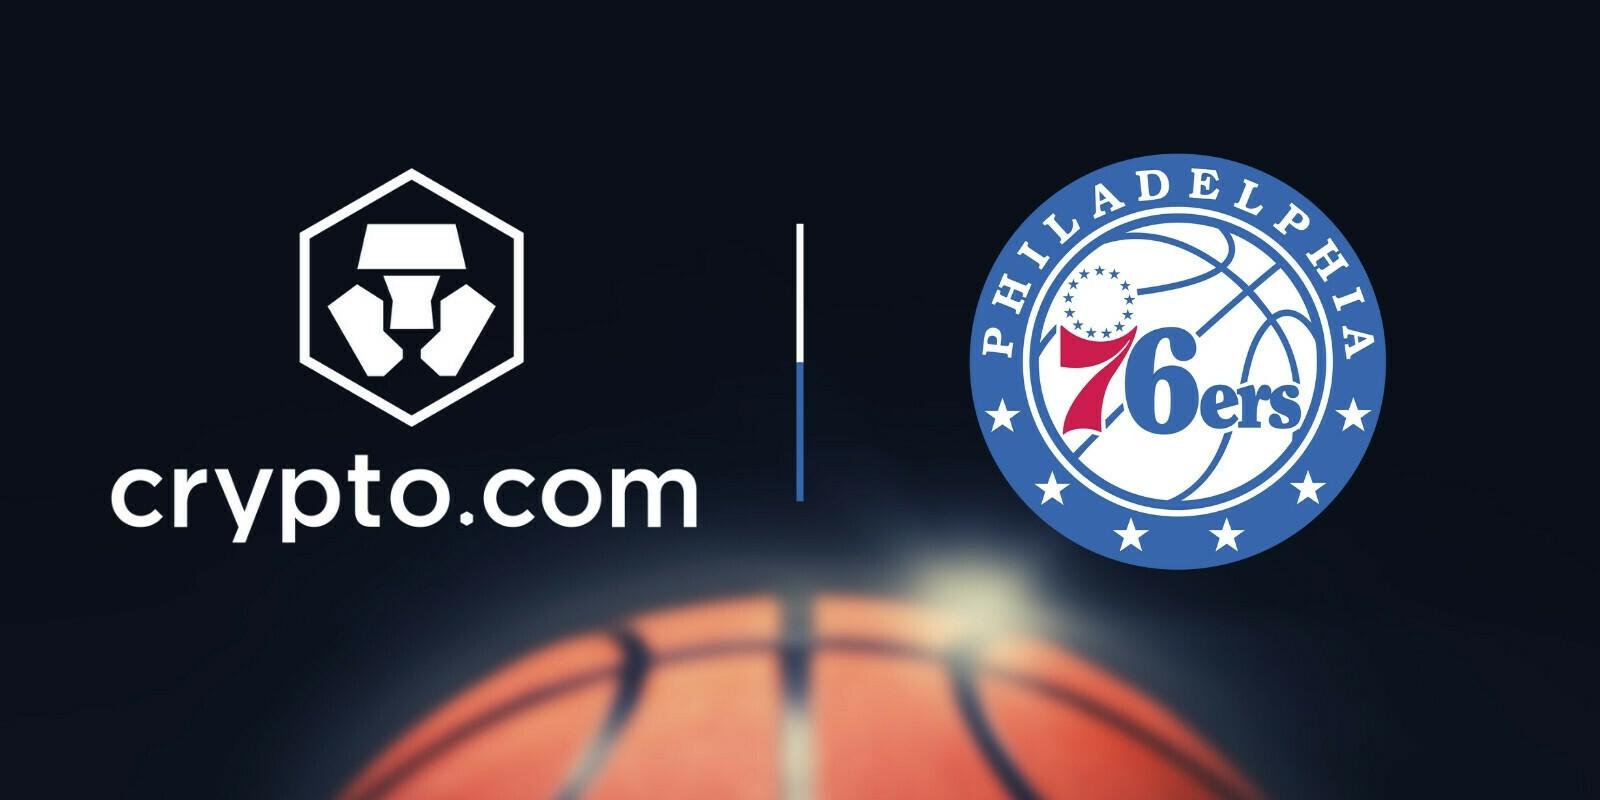 La plateforme Crypto.com (CRO) signe un partenariat avec les 76ers de Philadelphie